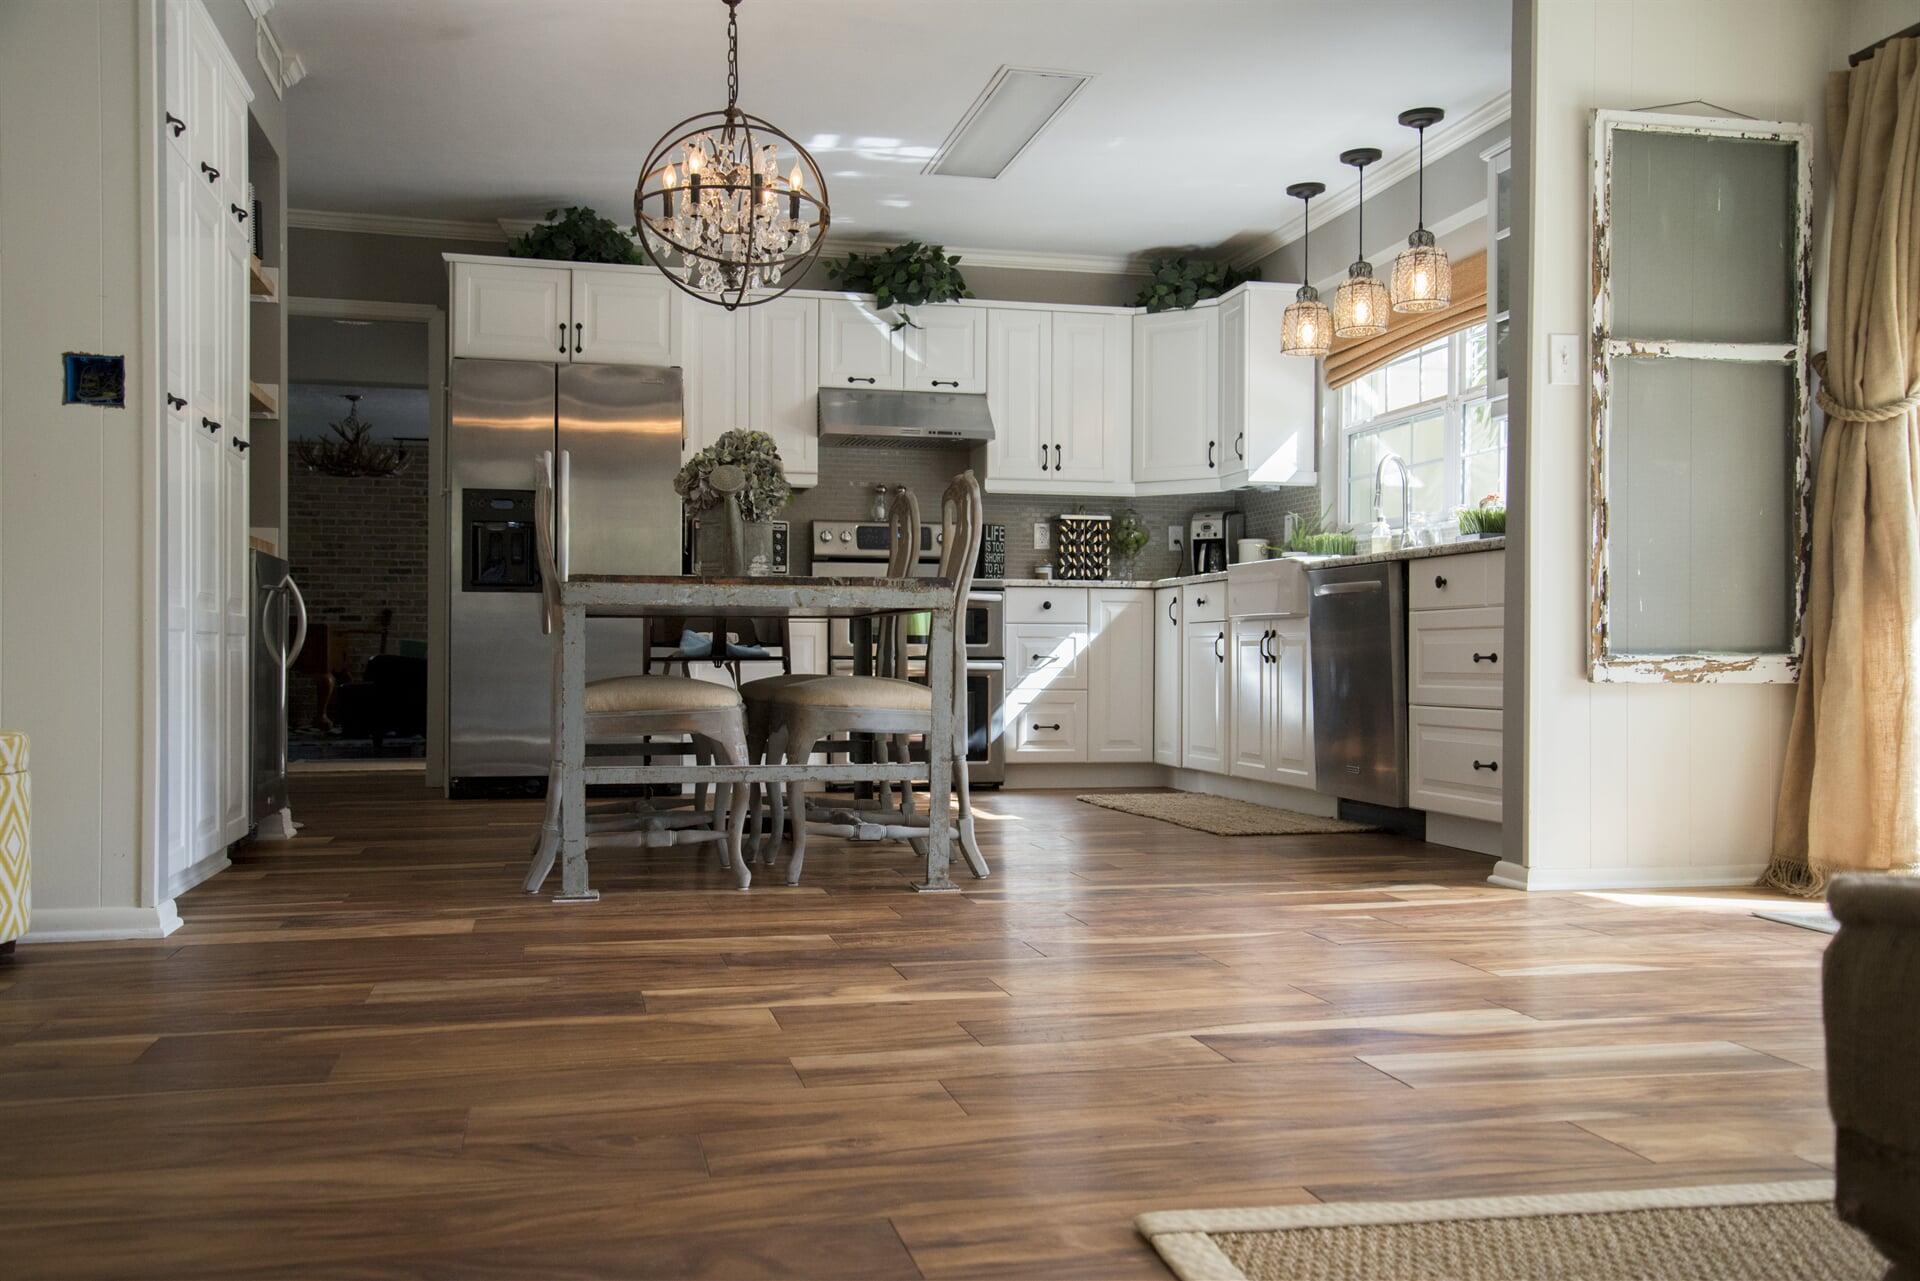 Acacia kitchen flooring in Tarpon Springs, FL from Floor Depot